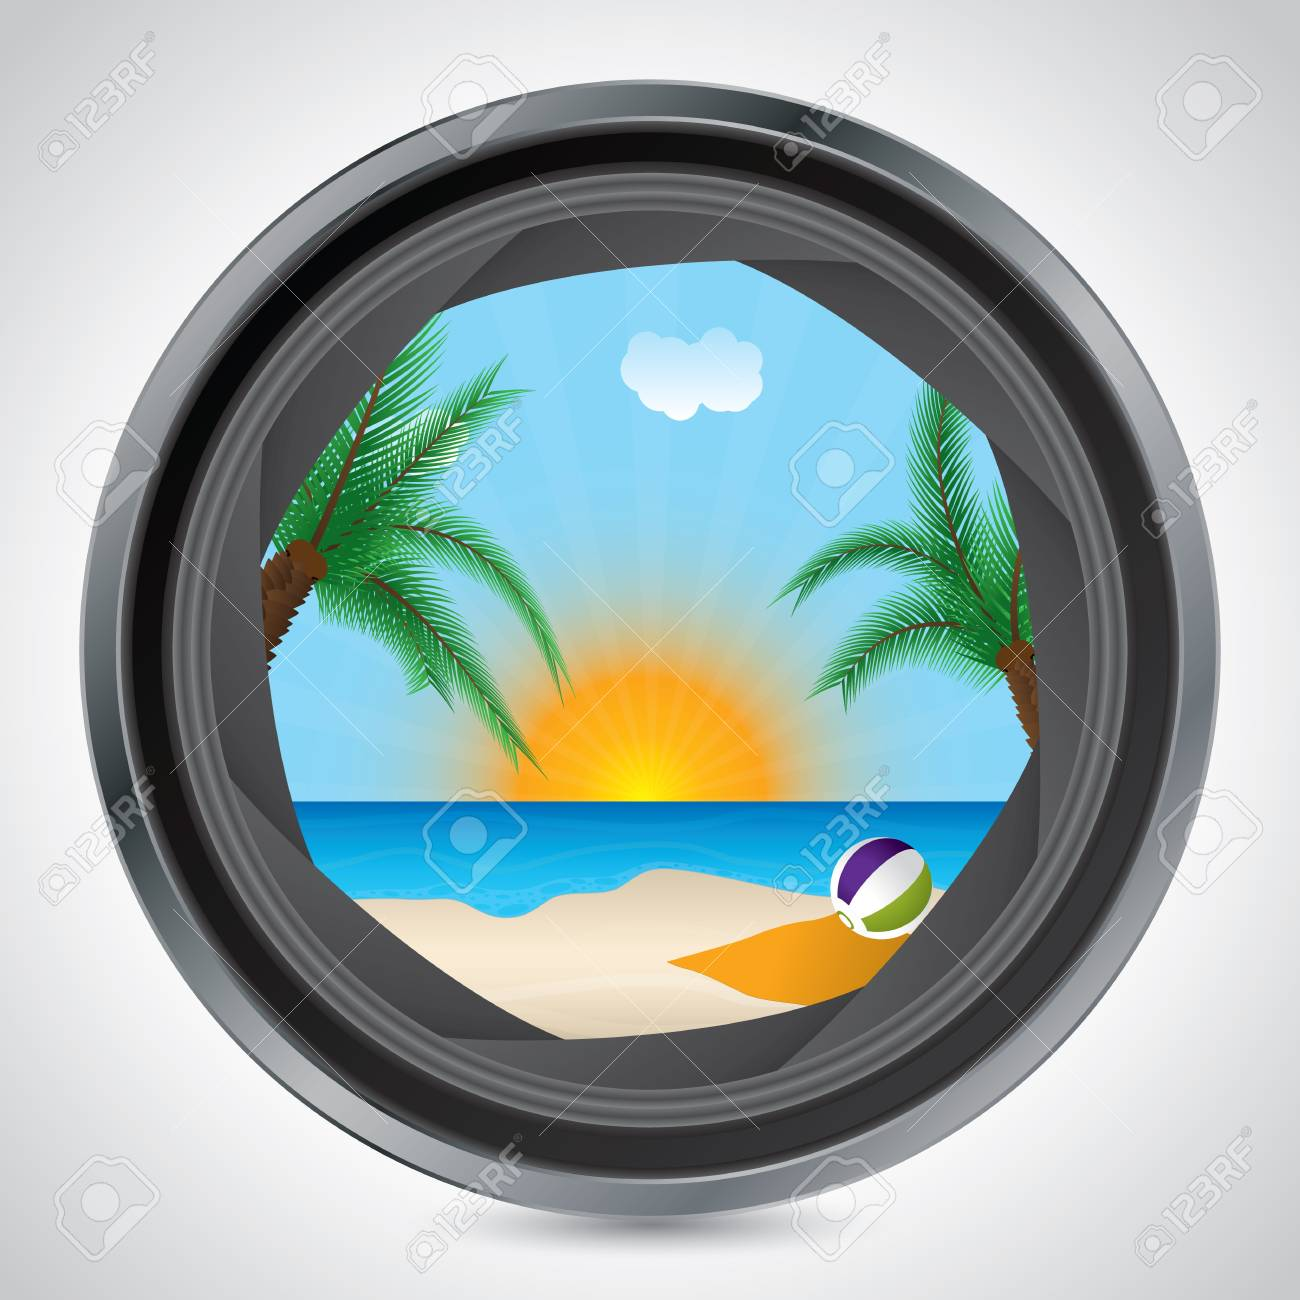 Sunny beach seen through the lens of a camera Stock Vector - 19796343